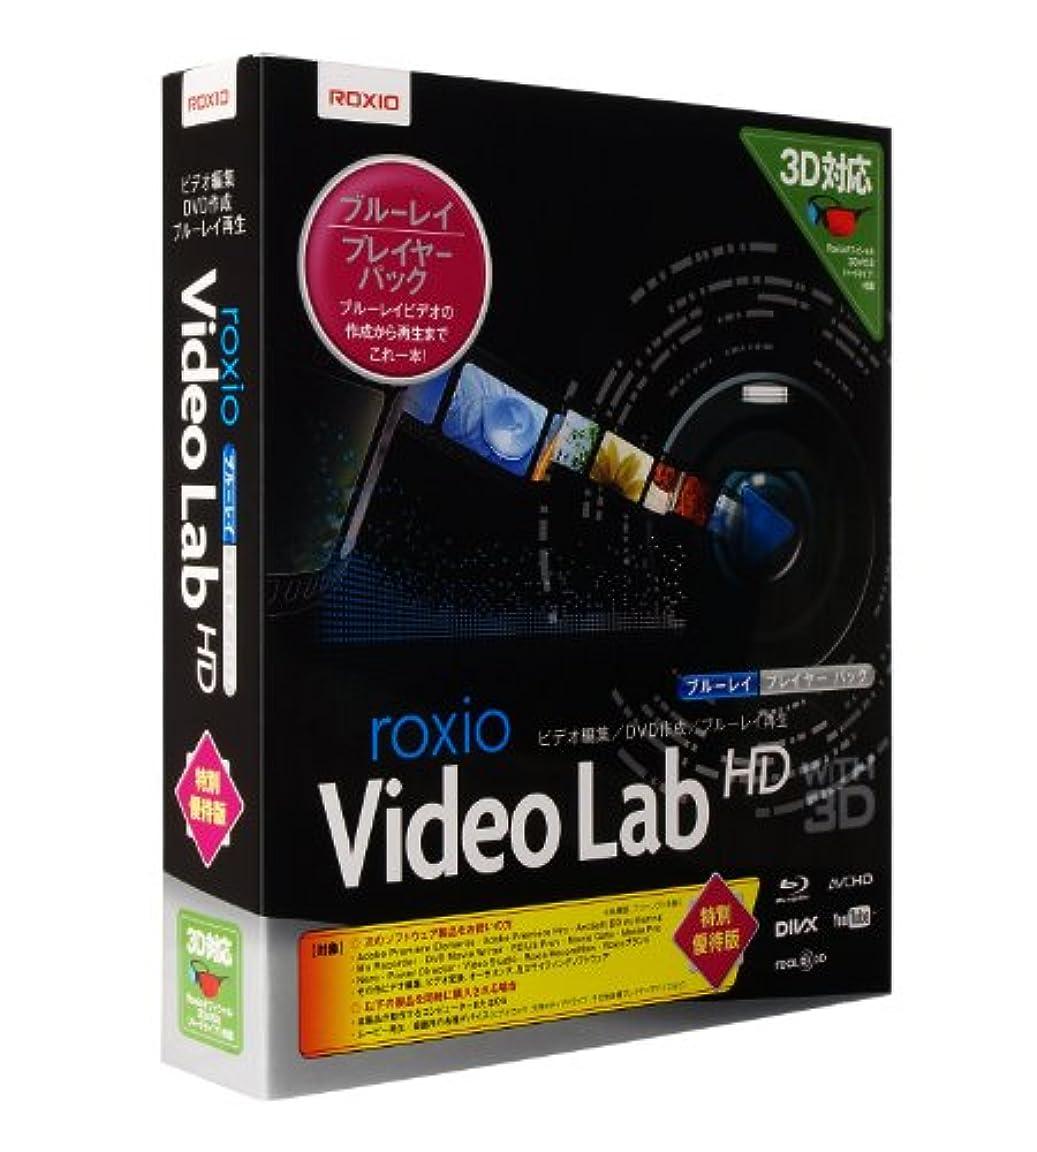 会話型豆腐魅力Roxio Video Lab HD ブルーレイプレイヤーパック 特別優待版